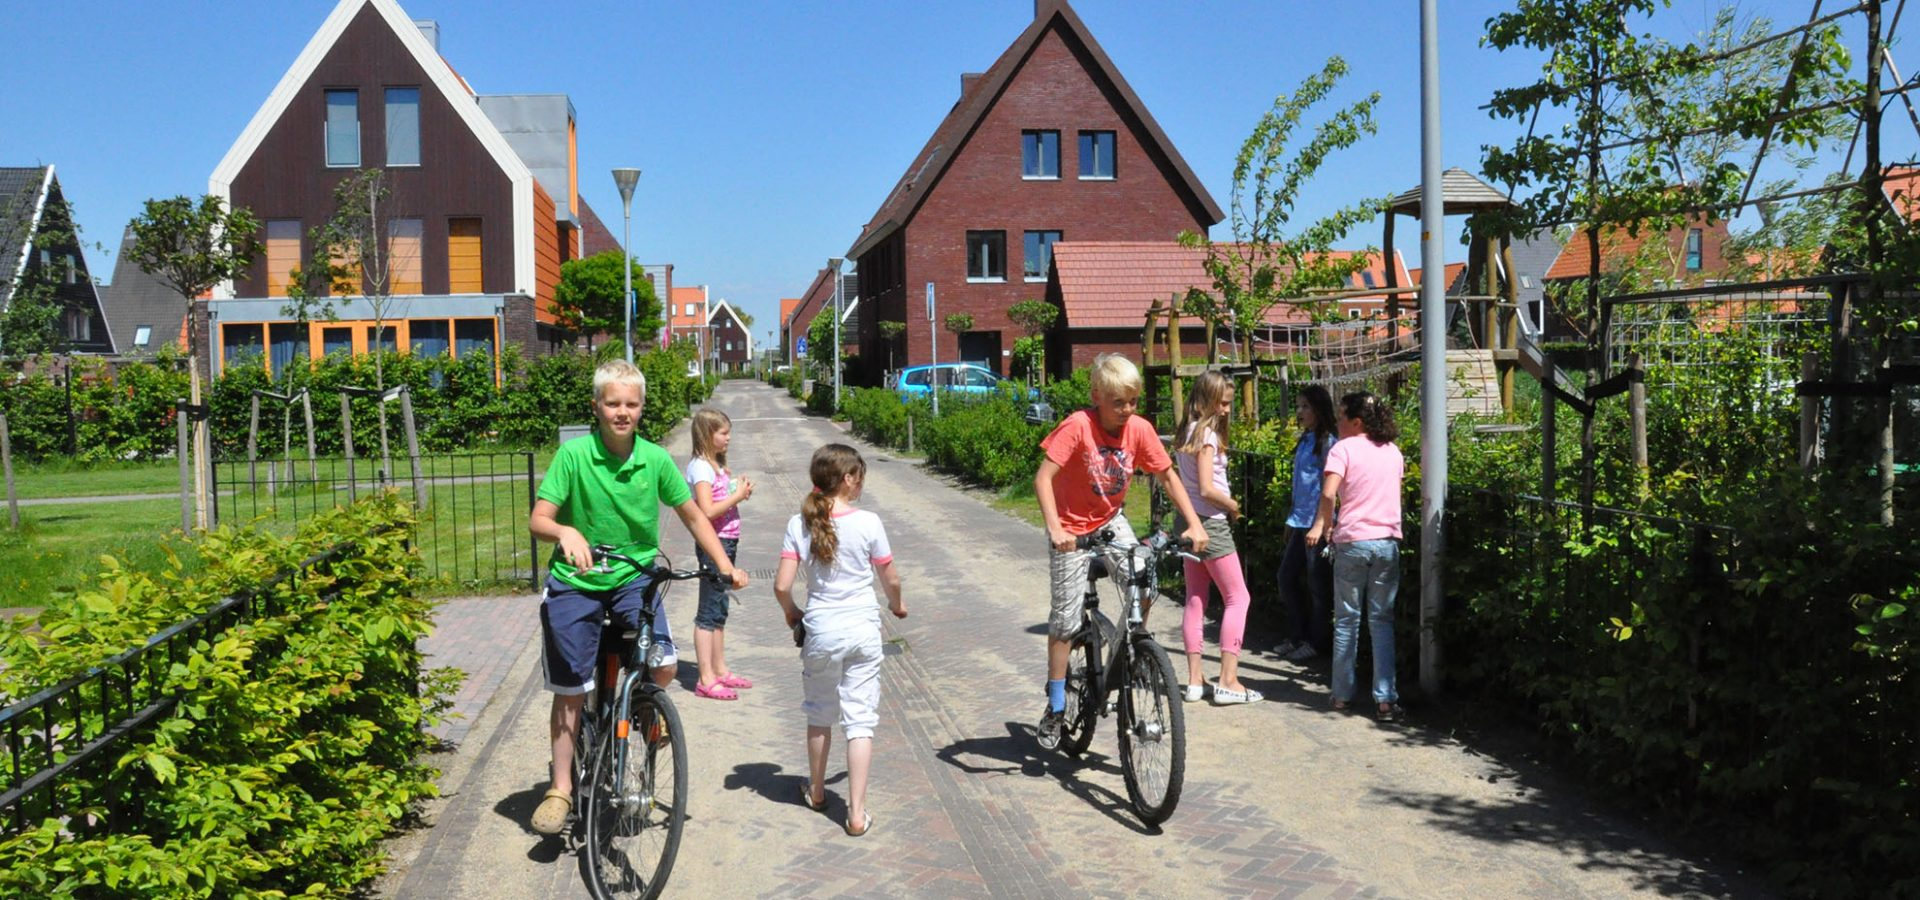 FARO architecten Ypenburg Biesland Den Haag 03